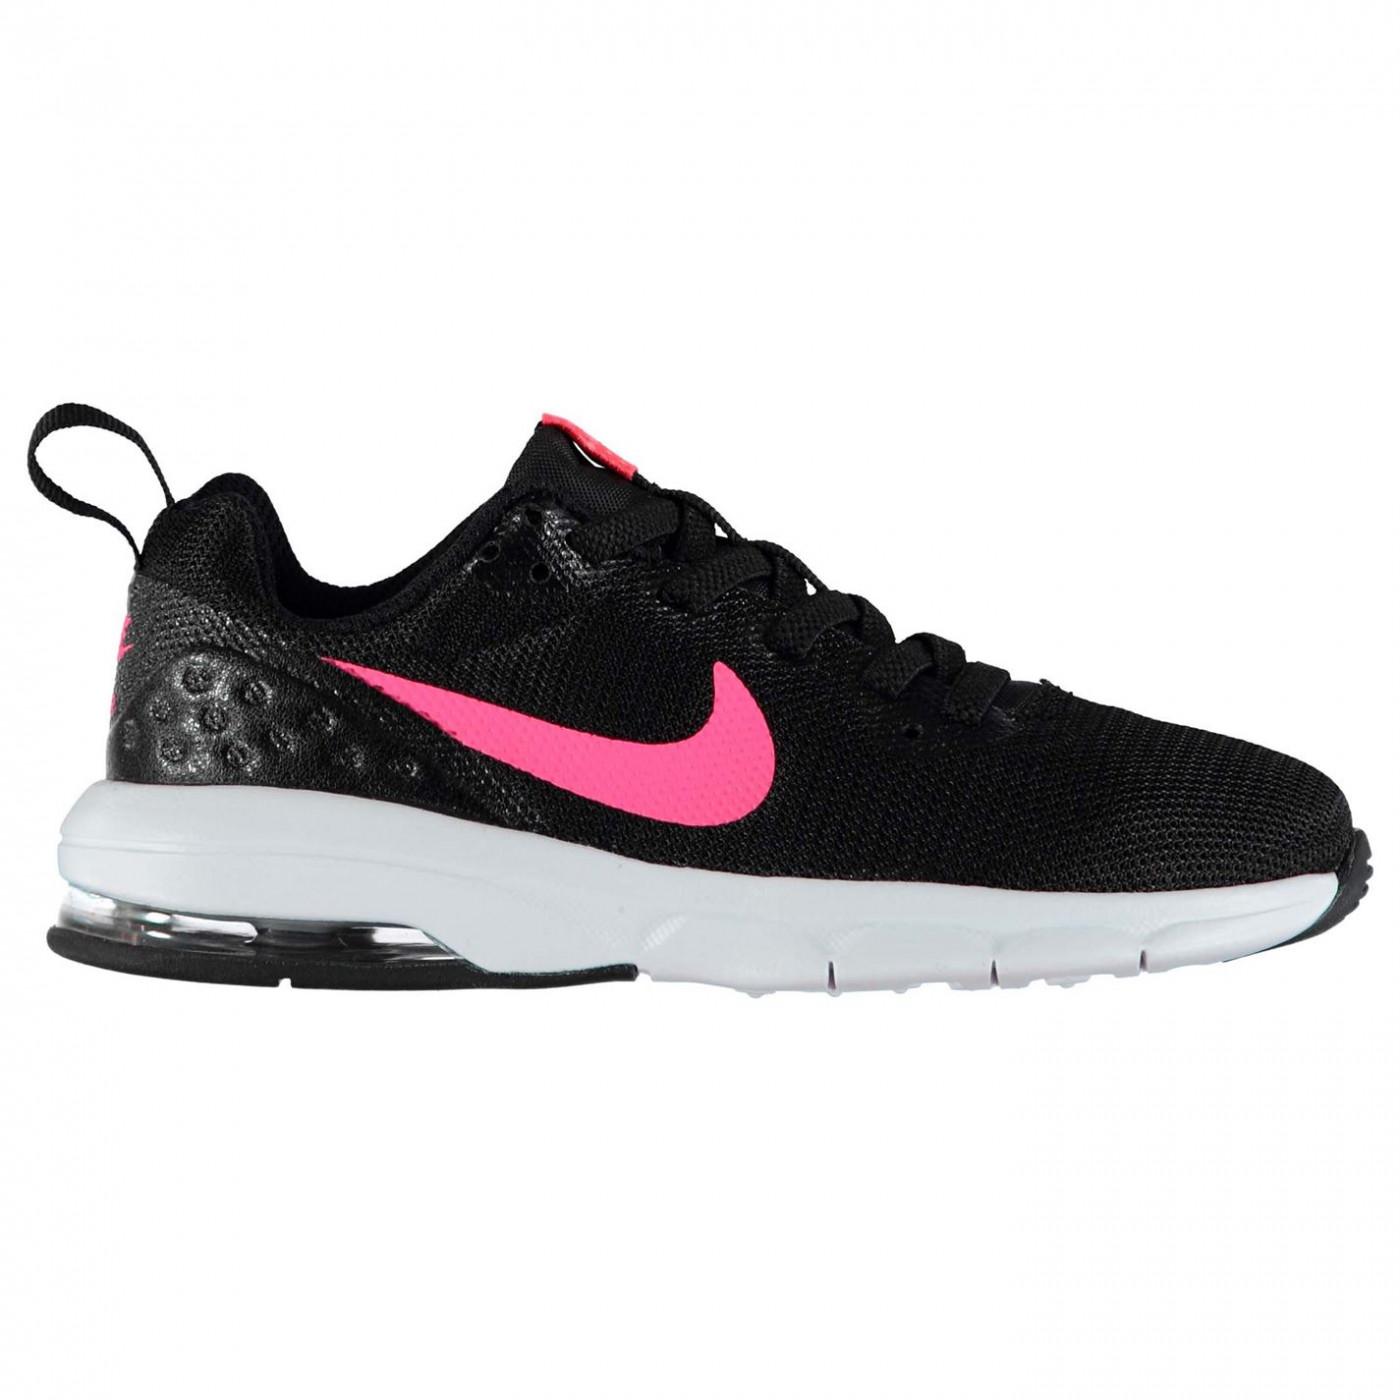 5dbe05e2fa Spordi sneakersid - ALIATIC